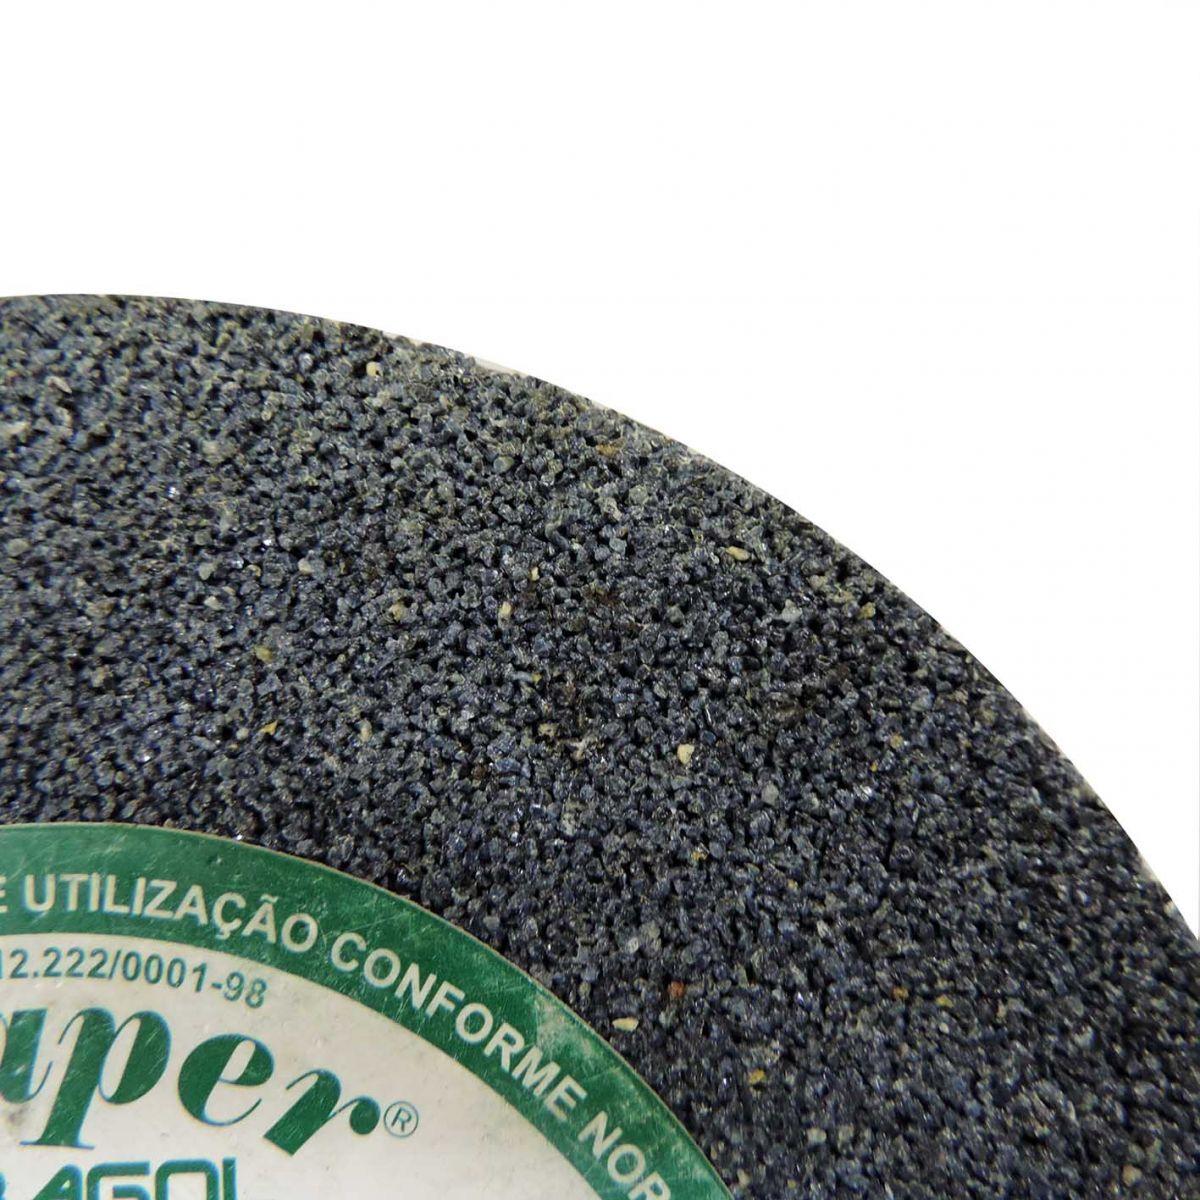 Rebolo Reto P/ Desbaste Rústico 6 X 3/4 X 1 1/4 - Icaper U49